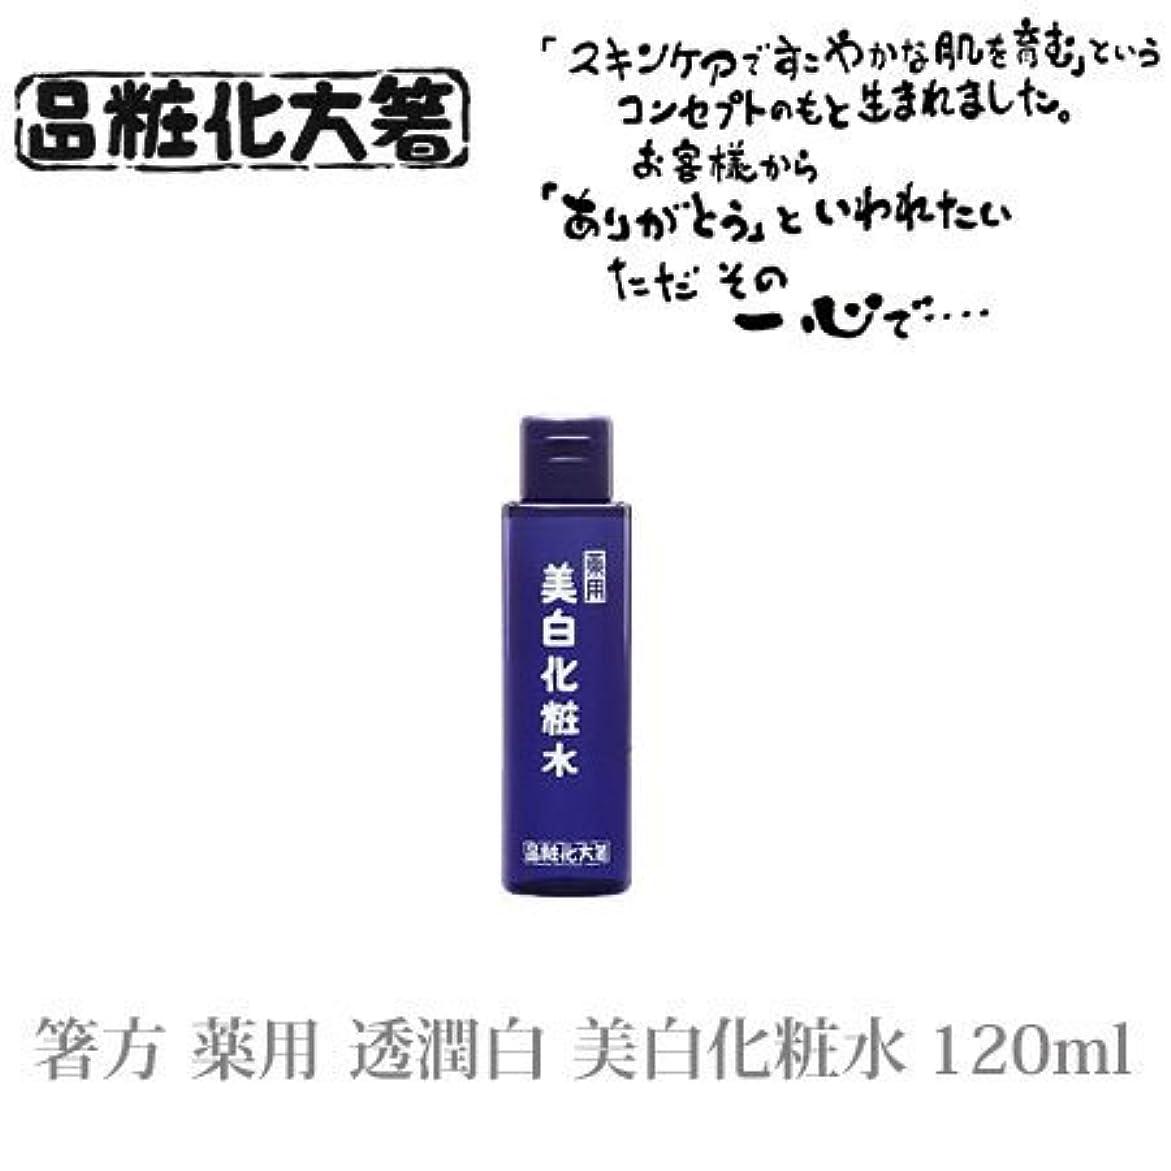 息苦しい拮抗するメーター箸方化粧品 薬用 透潤白 美白化粧水 120ml はしかた化粧品